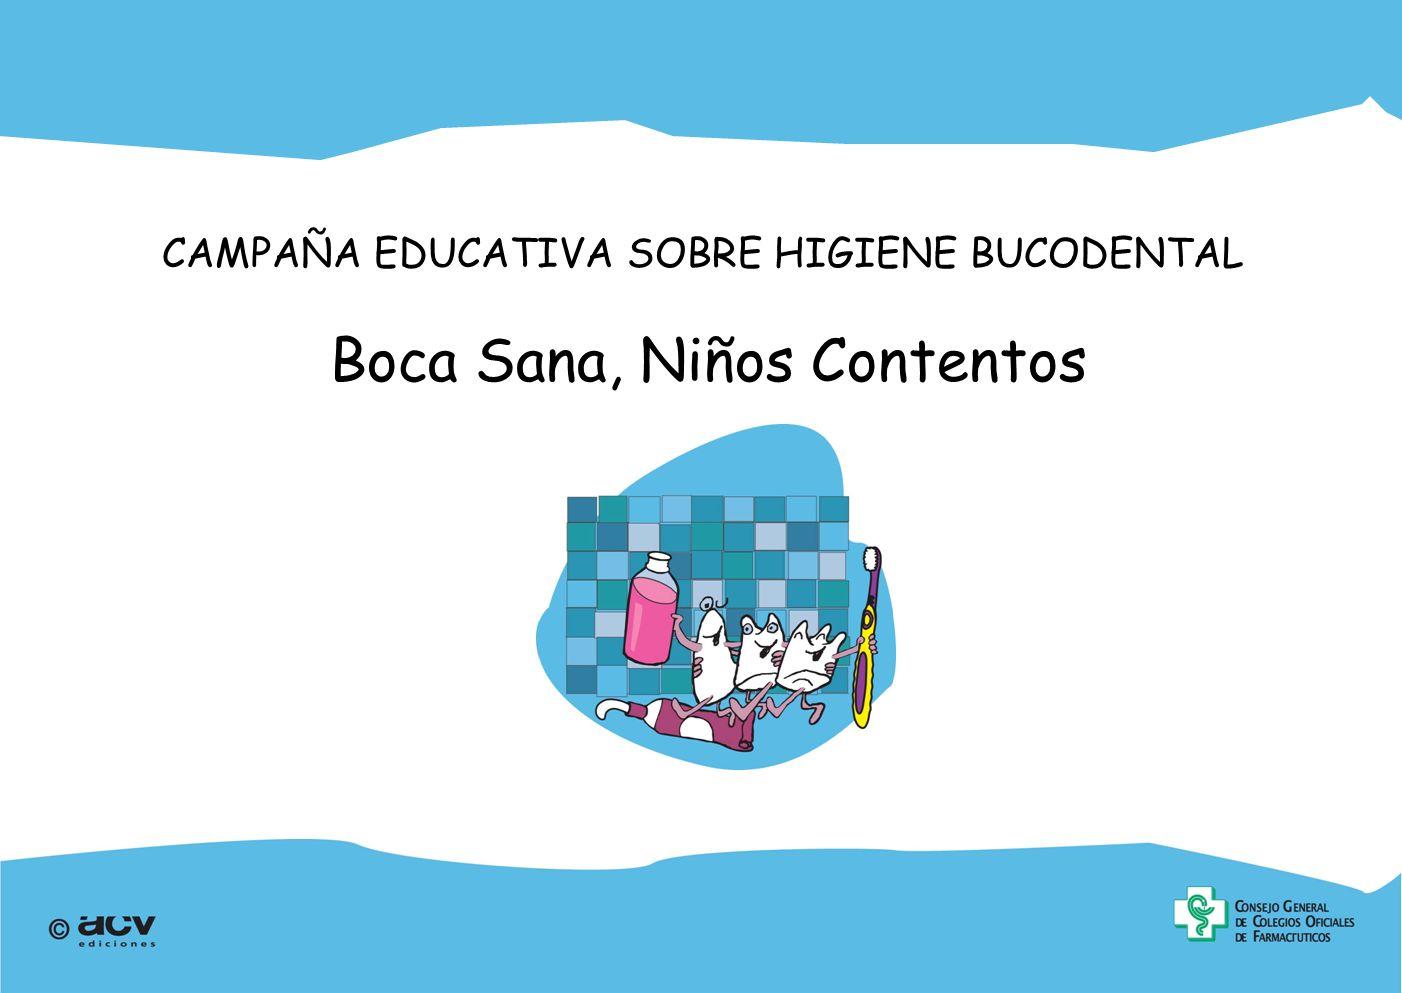 CAMPAÑA EDUCATIVA SOBRE HIGIENE BUCODENTAL Boca Sana, Niños Contentos